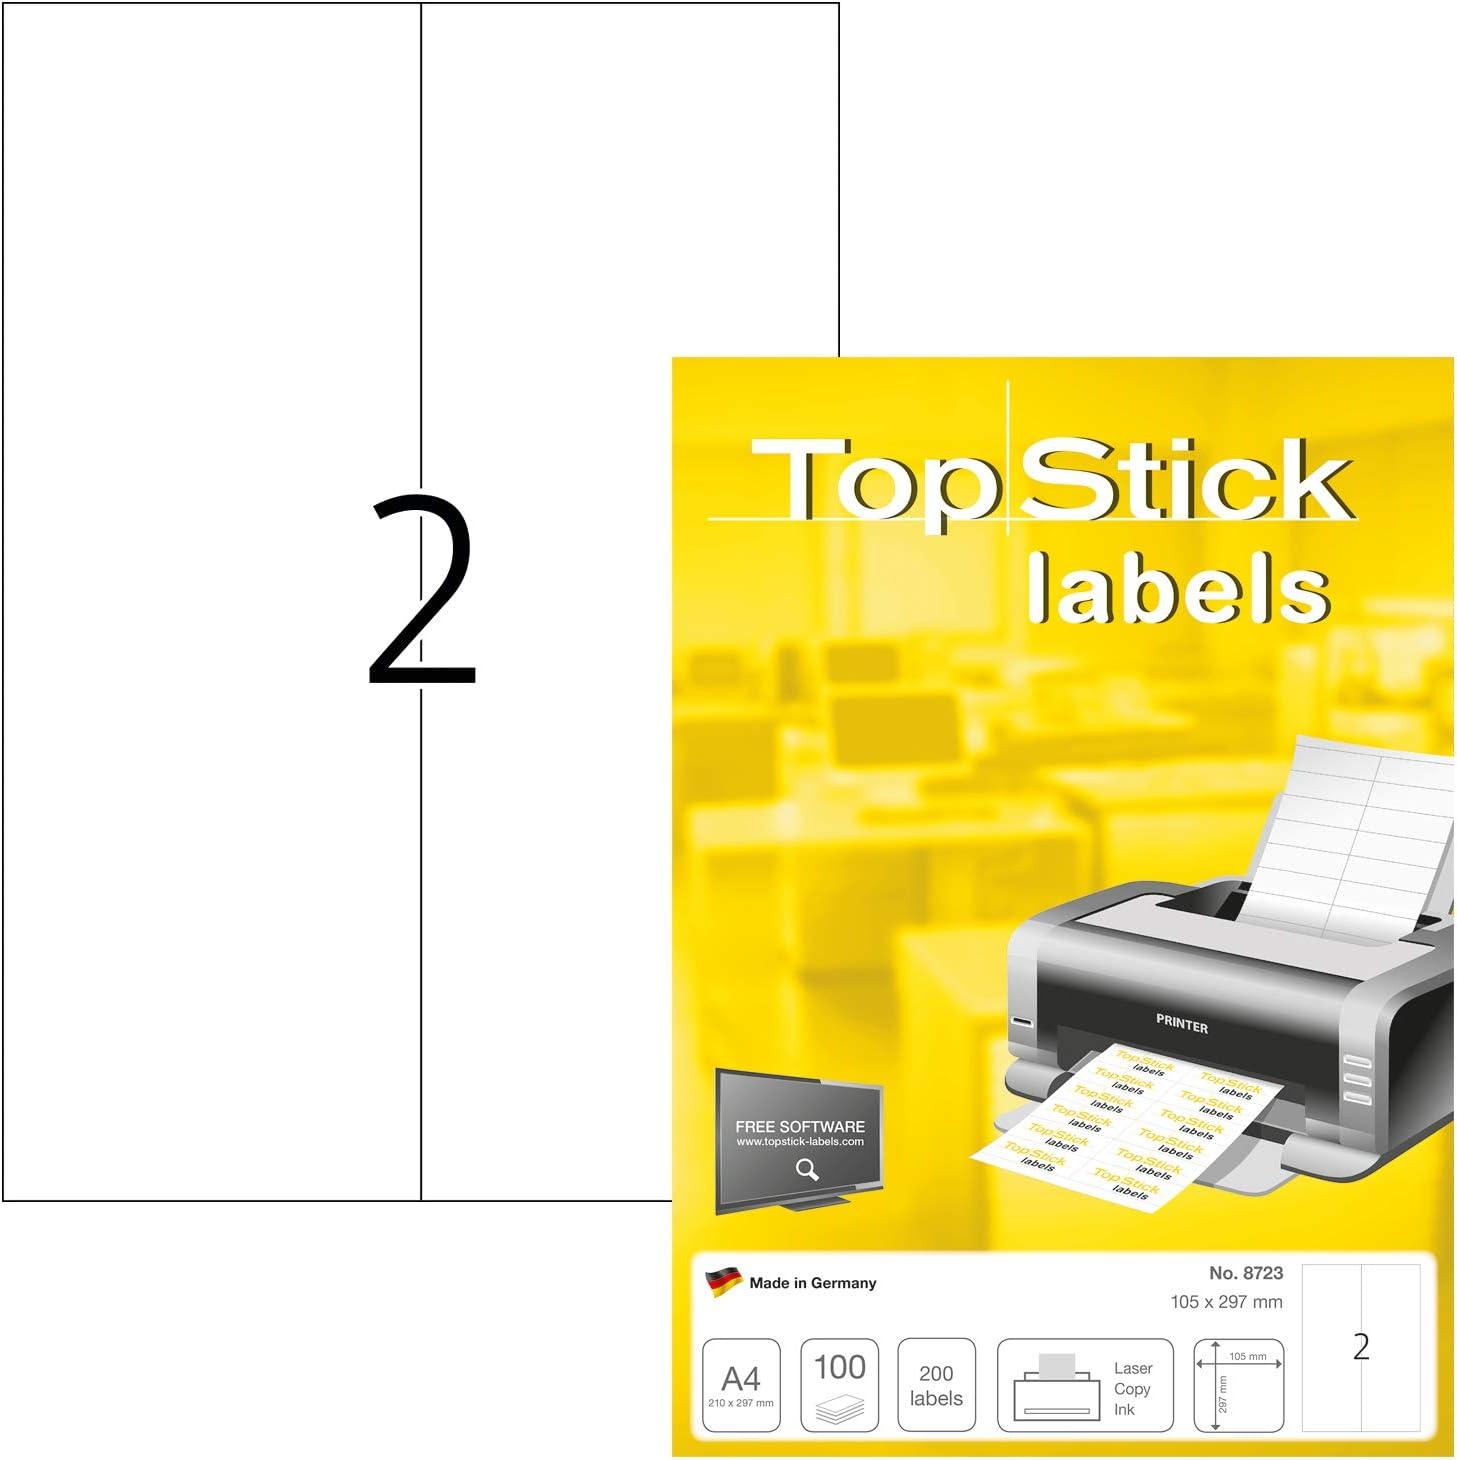 200 x 95 mm, 100 Blatt, Papier, matt selbstklebend permanent haftend Adressaufkleber bedruckbar 300 Klebeetiketten wei/ß TopStick 8793 Universal Etiketten DIN A4 gro/ß